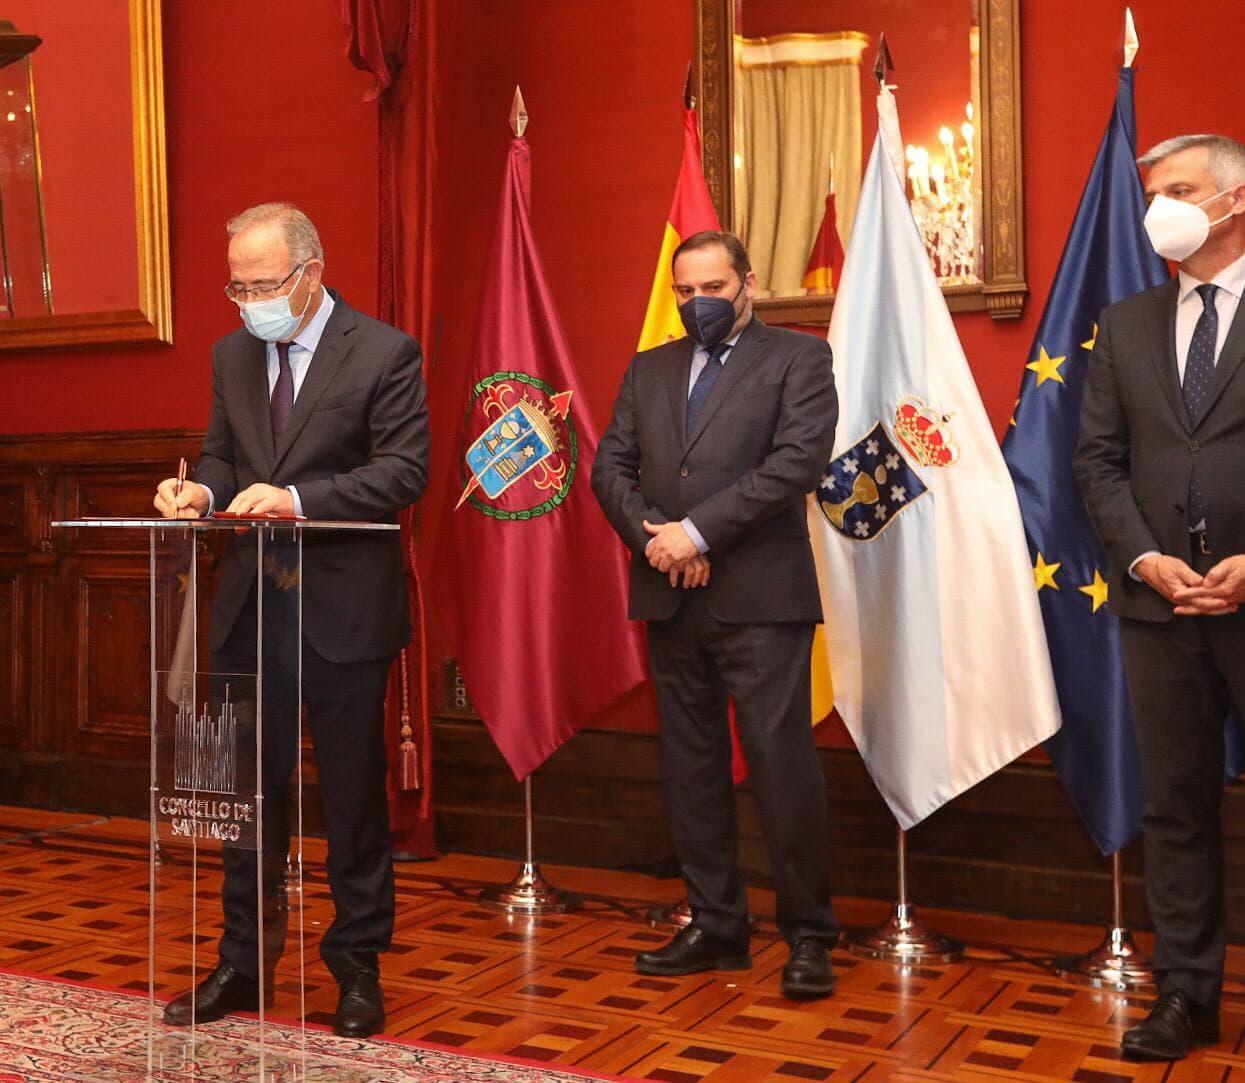 O alcalde de Santiago e o ministro de Transportes asinan o protocolo para o desenvolvemento e impulso dos obxectivos da Axenda Urbana